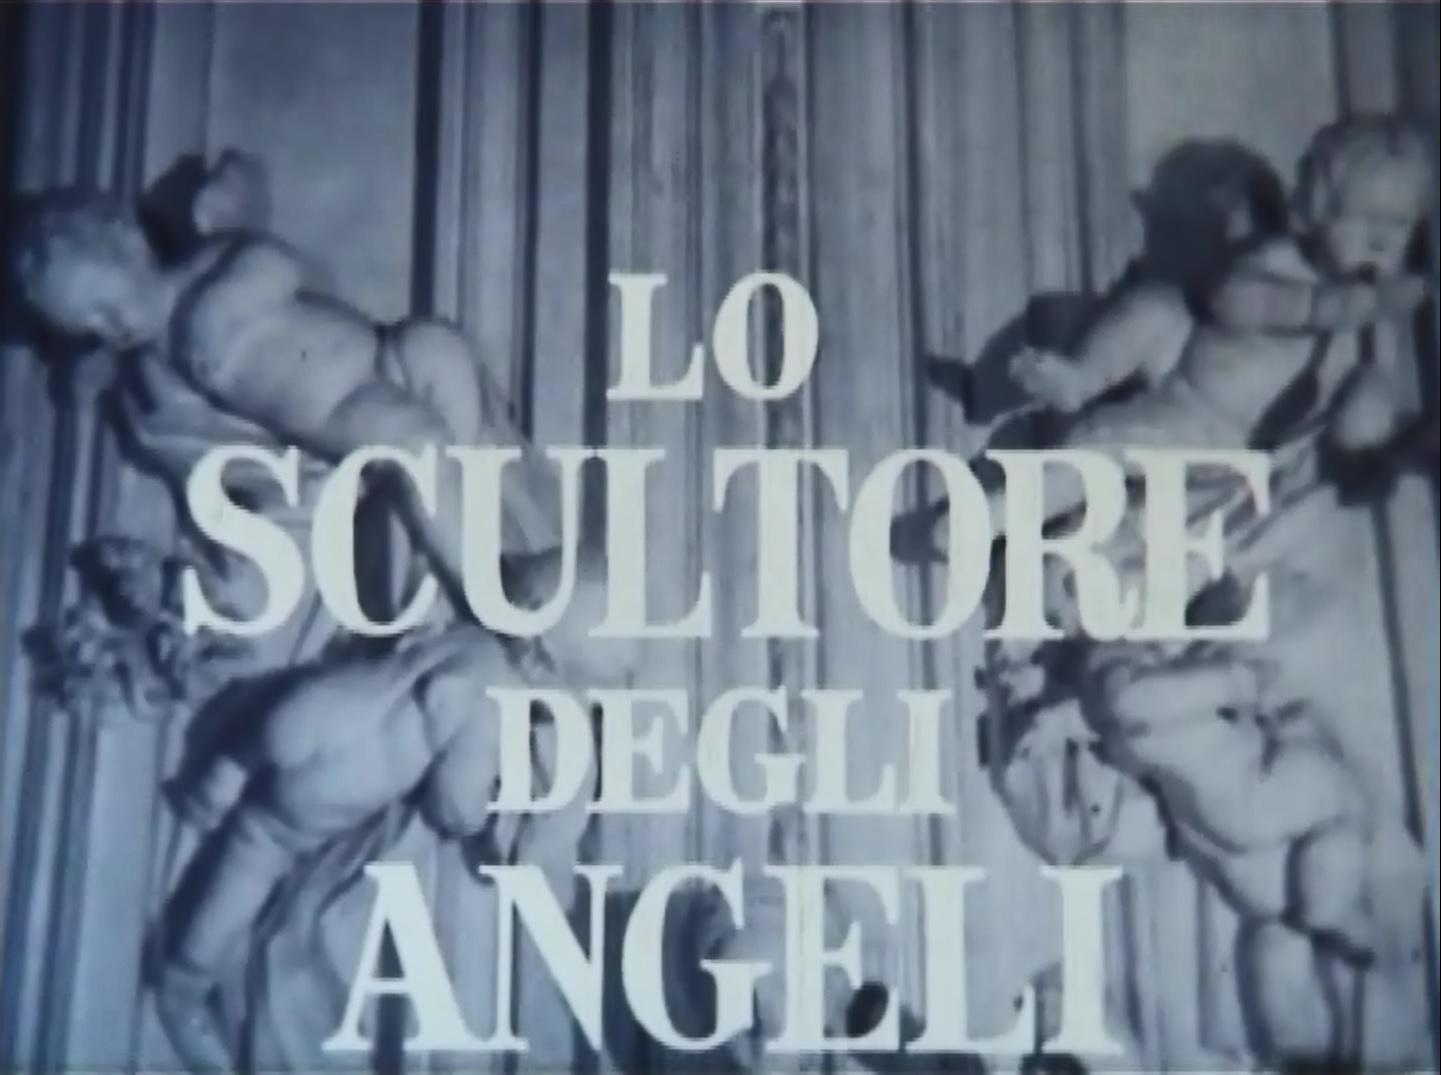 Fotogramma de Lo scultore degli angeli di Aldo Franchi, 1957.